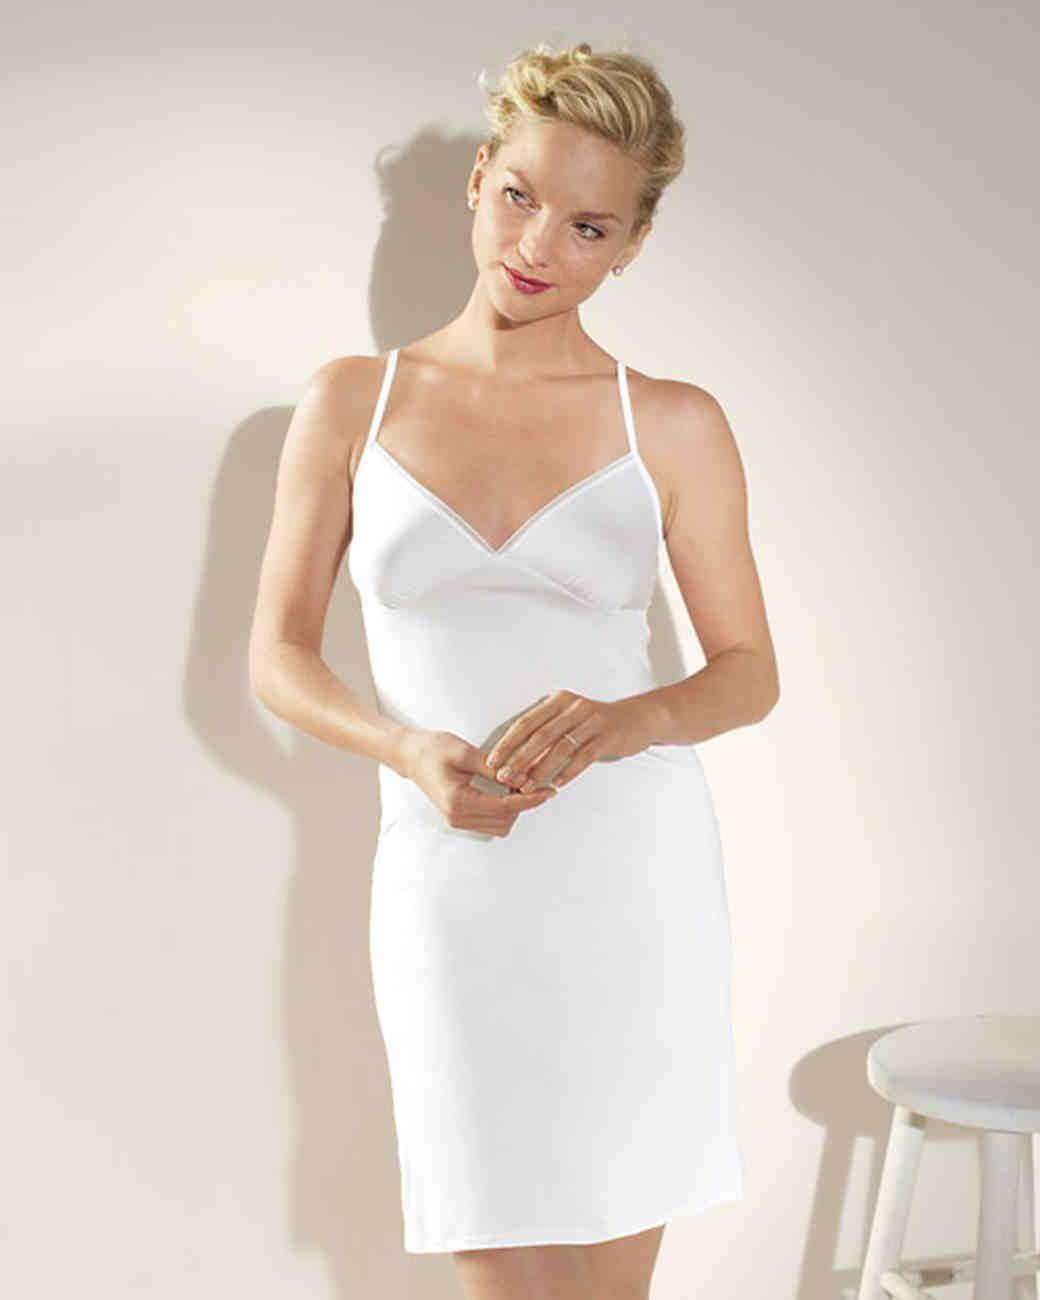 Best Body Shaper for Wedding Dress - Dressy Dresses for Weddings ...